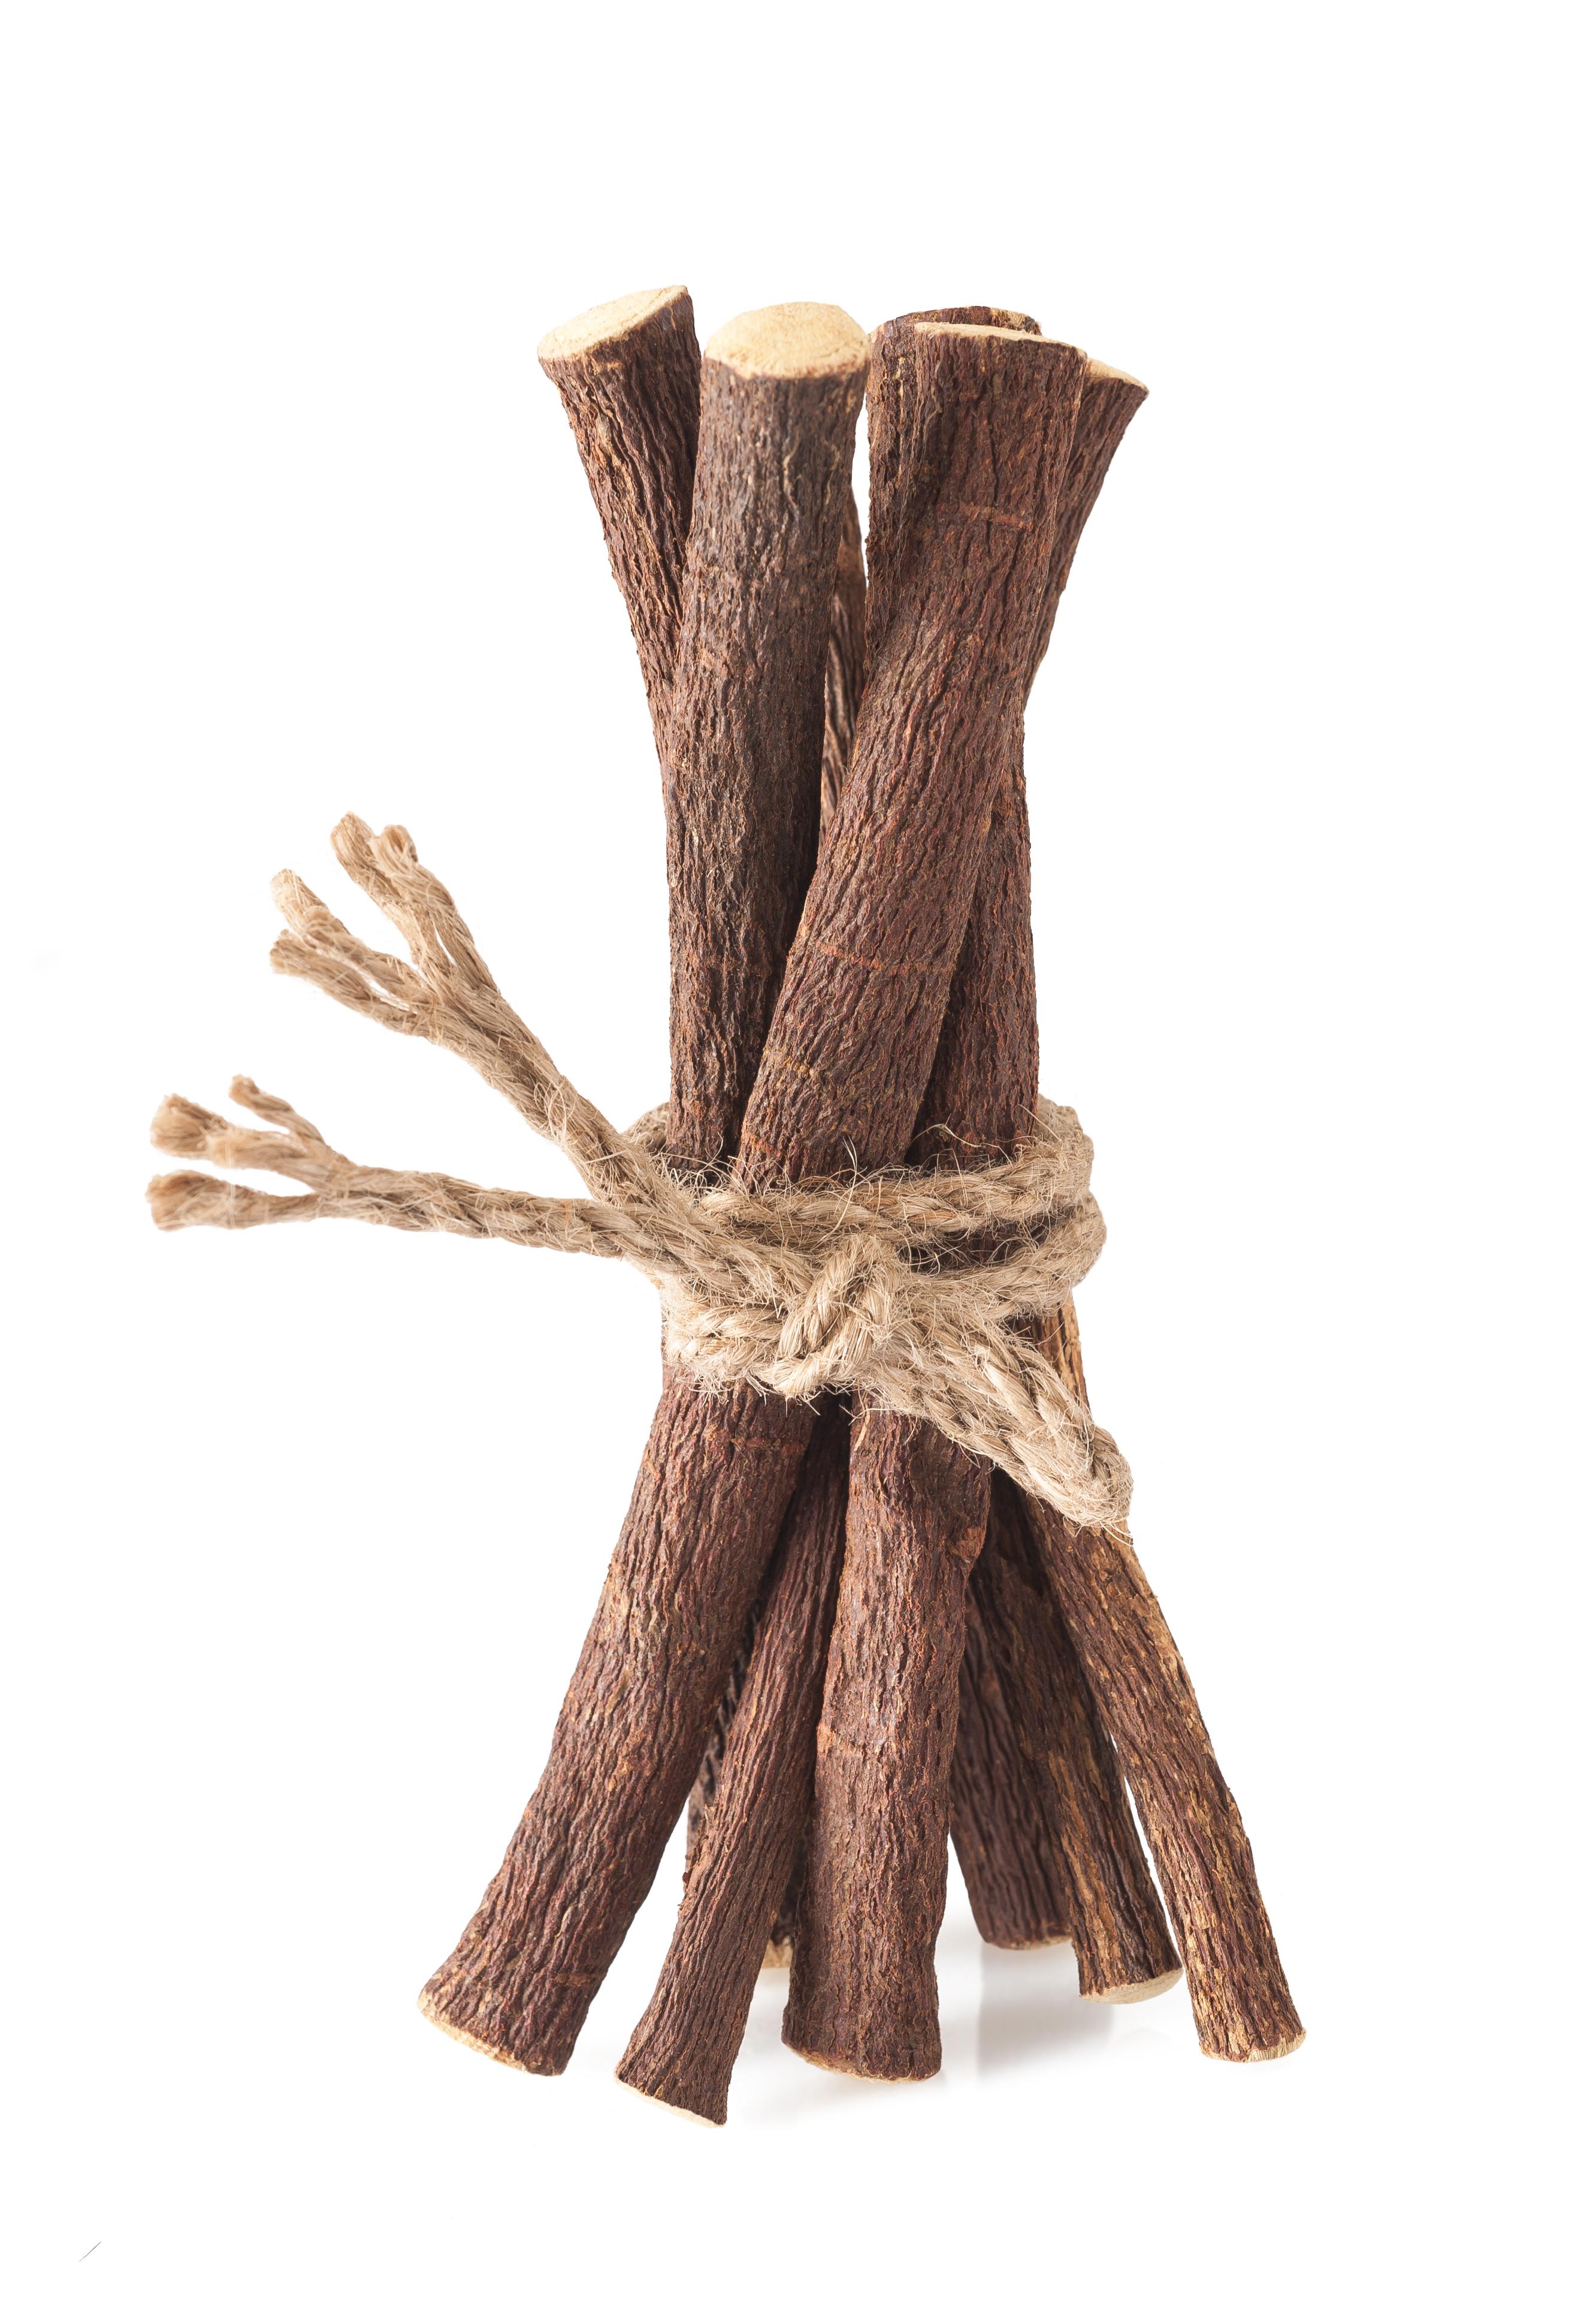 licorice root paste